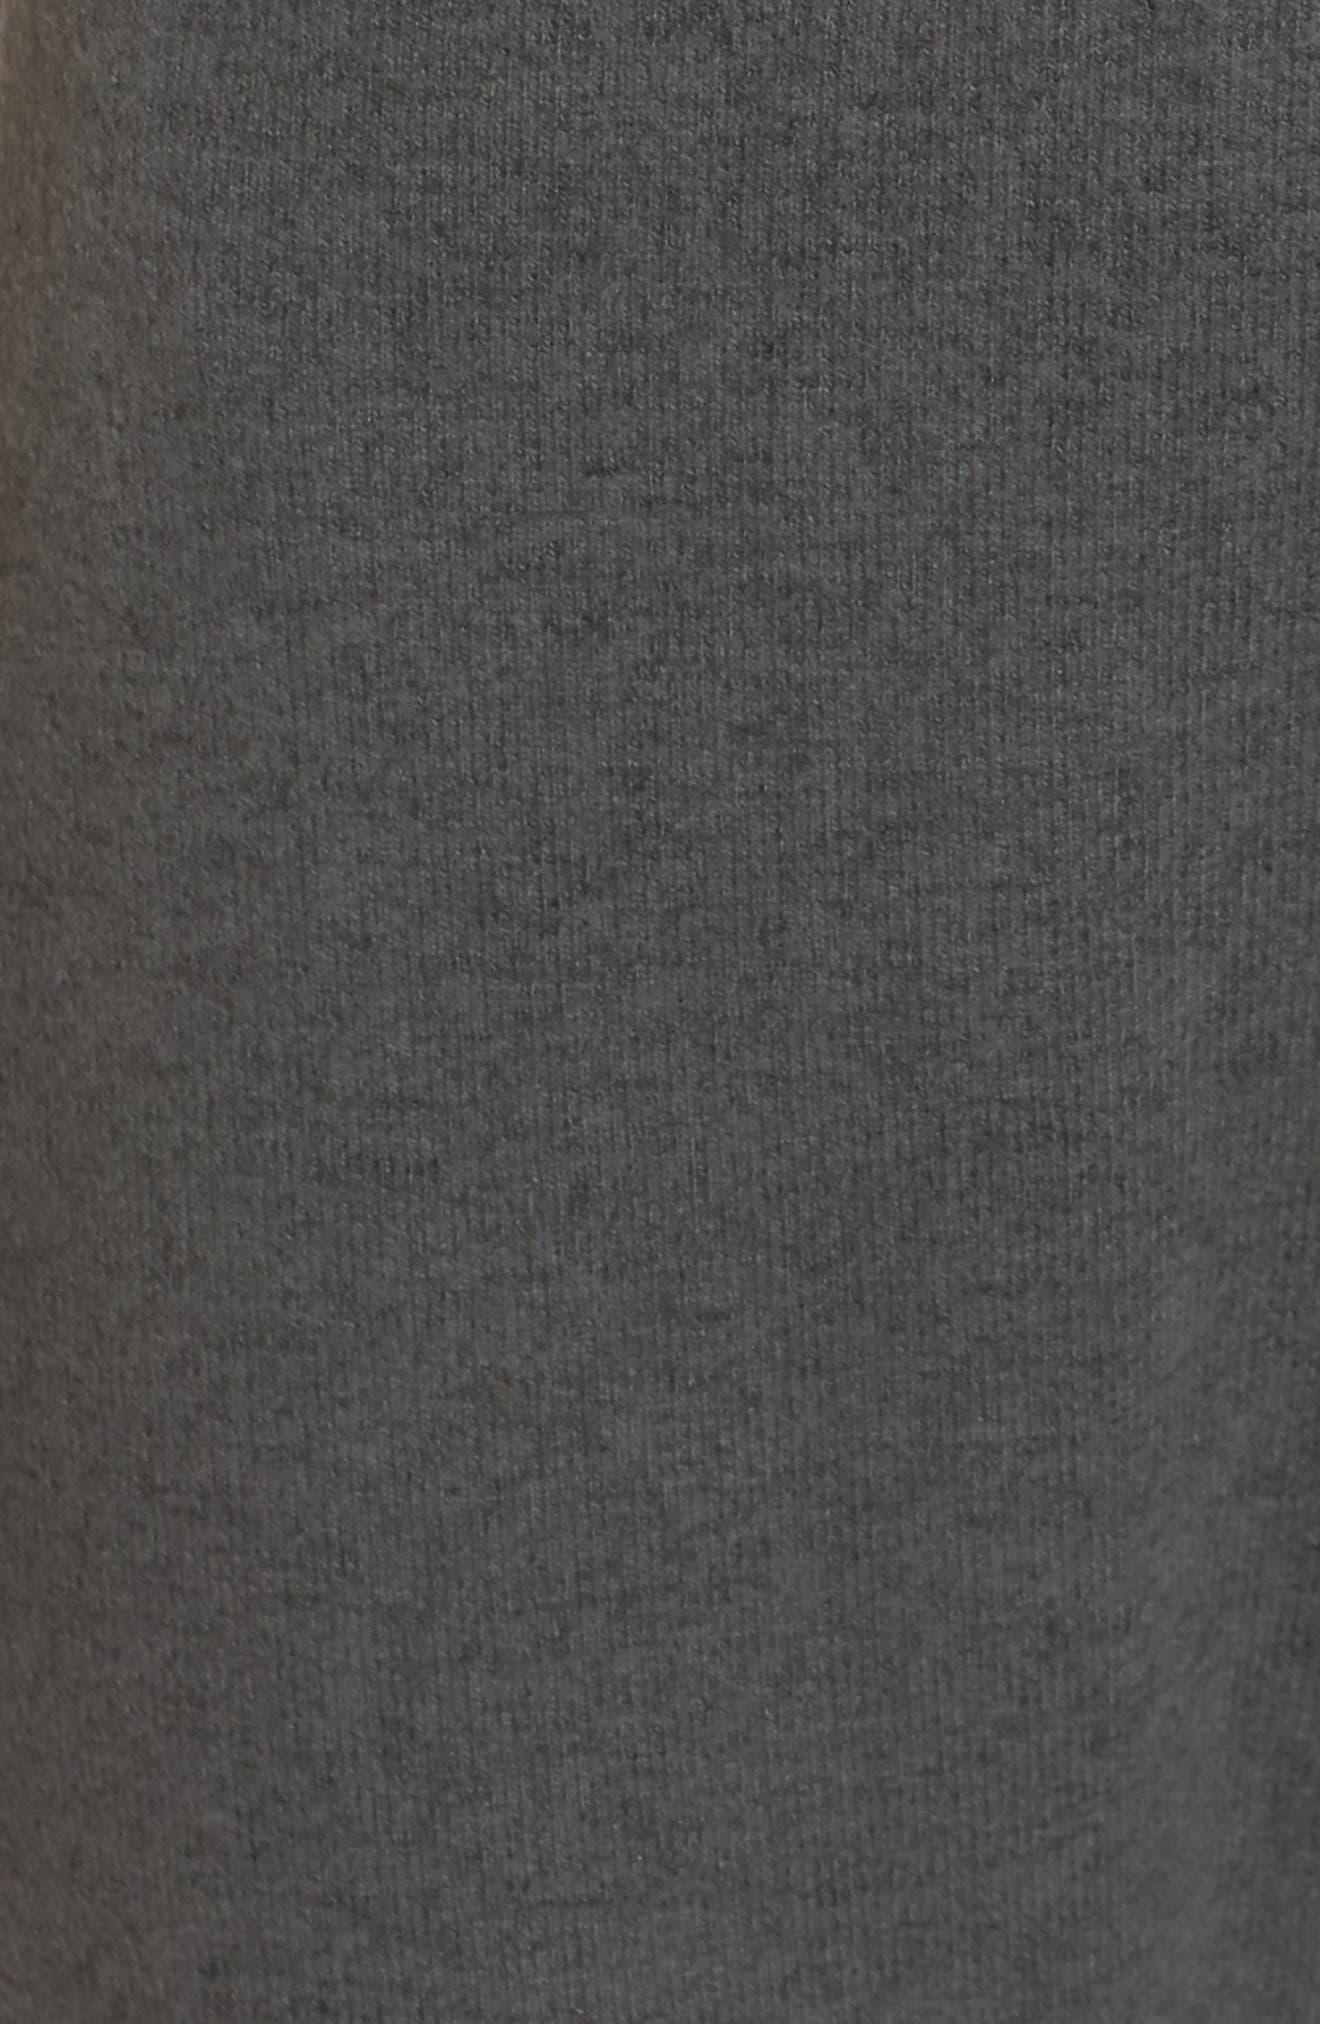 Hacci Lounge Jumpsuit,                             Alternate thumbnail 5, color,                             021